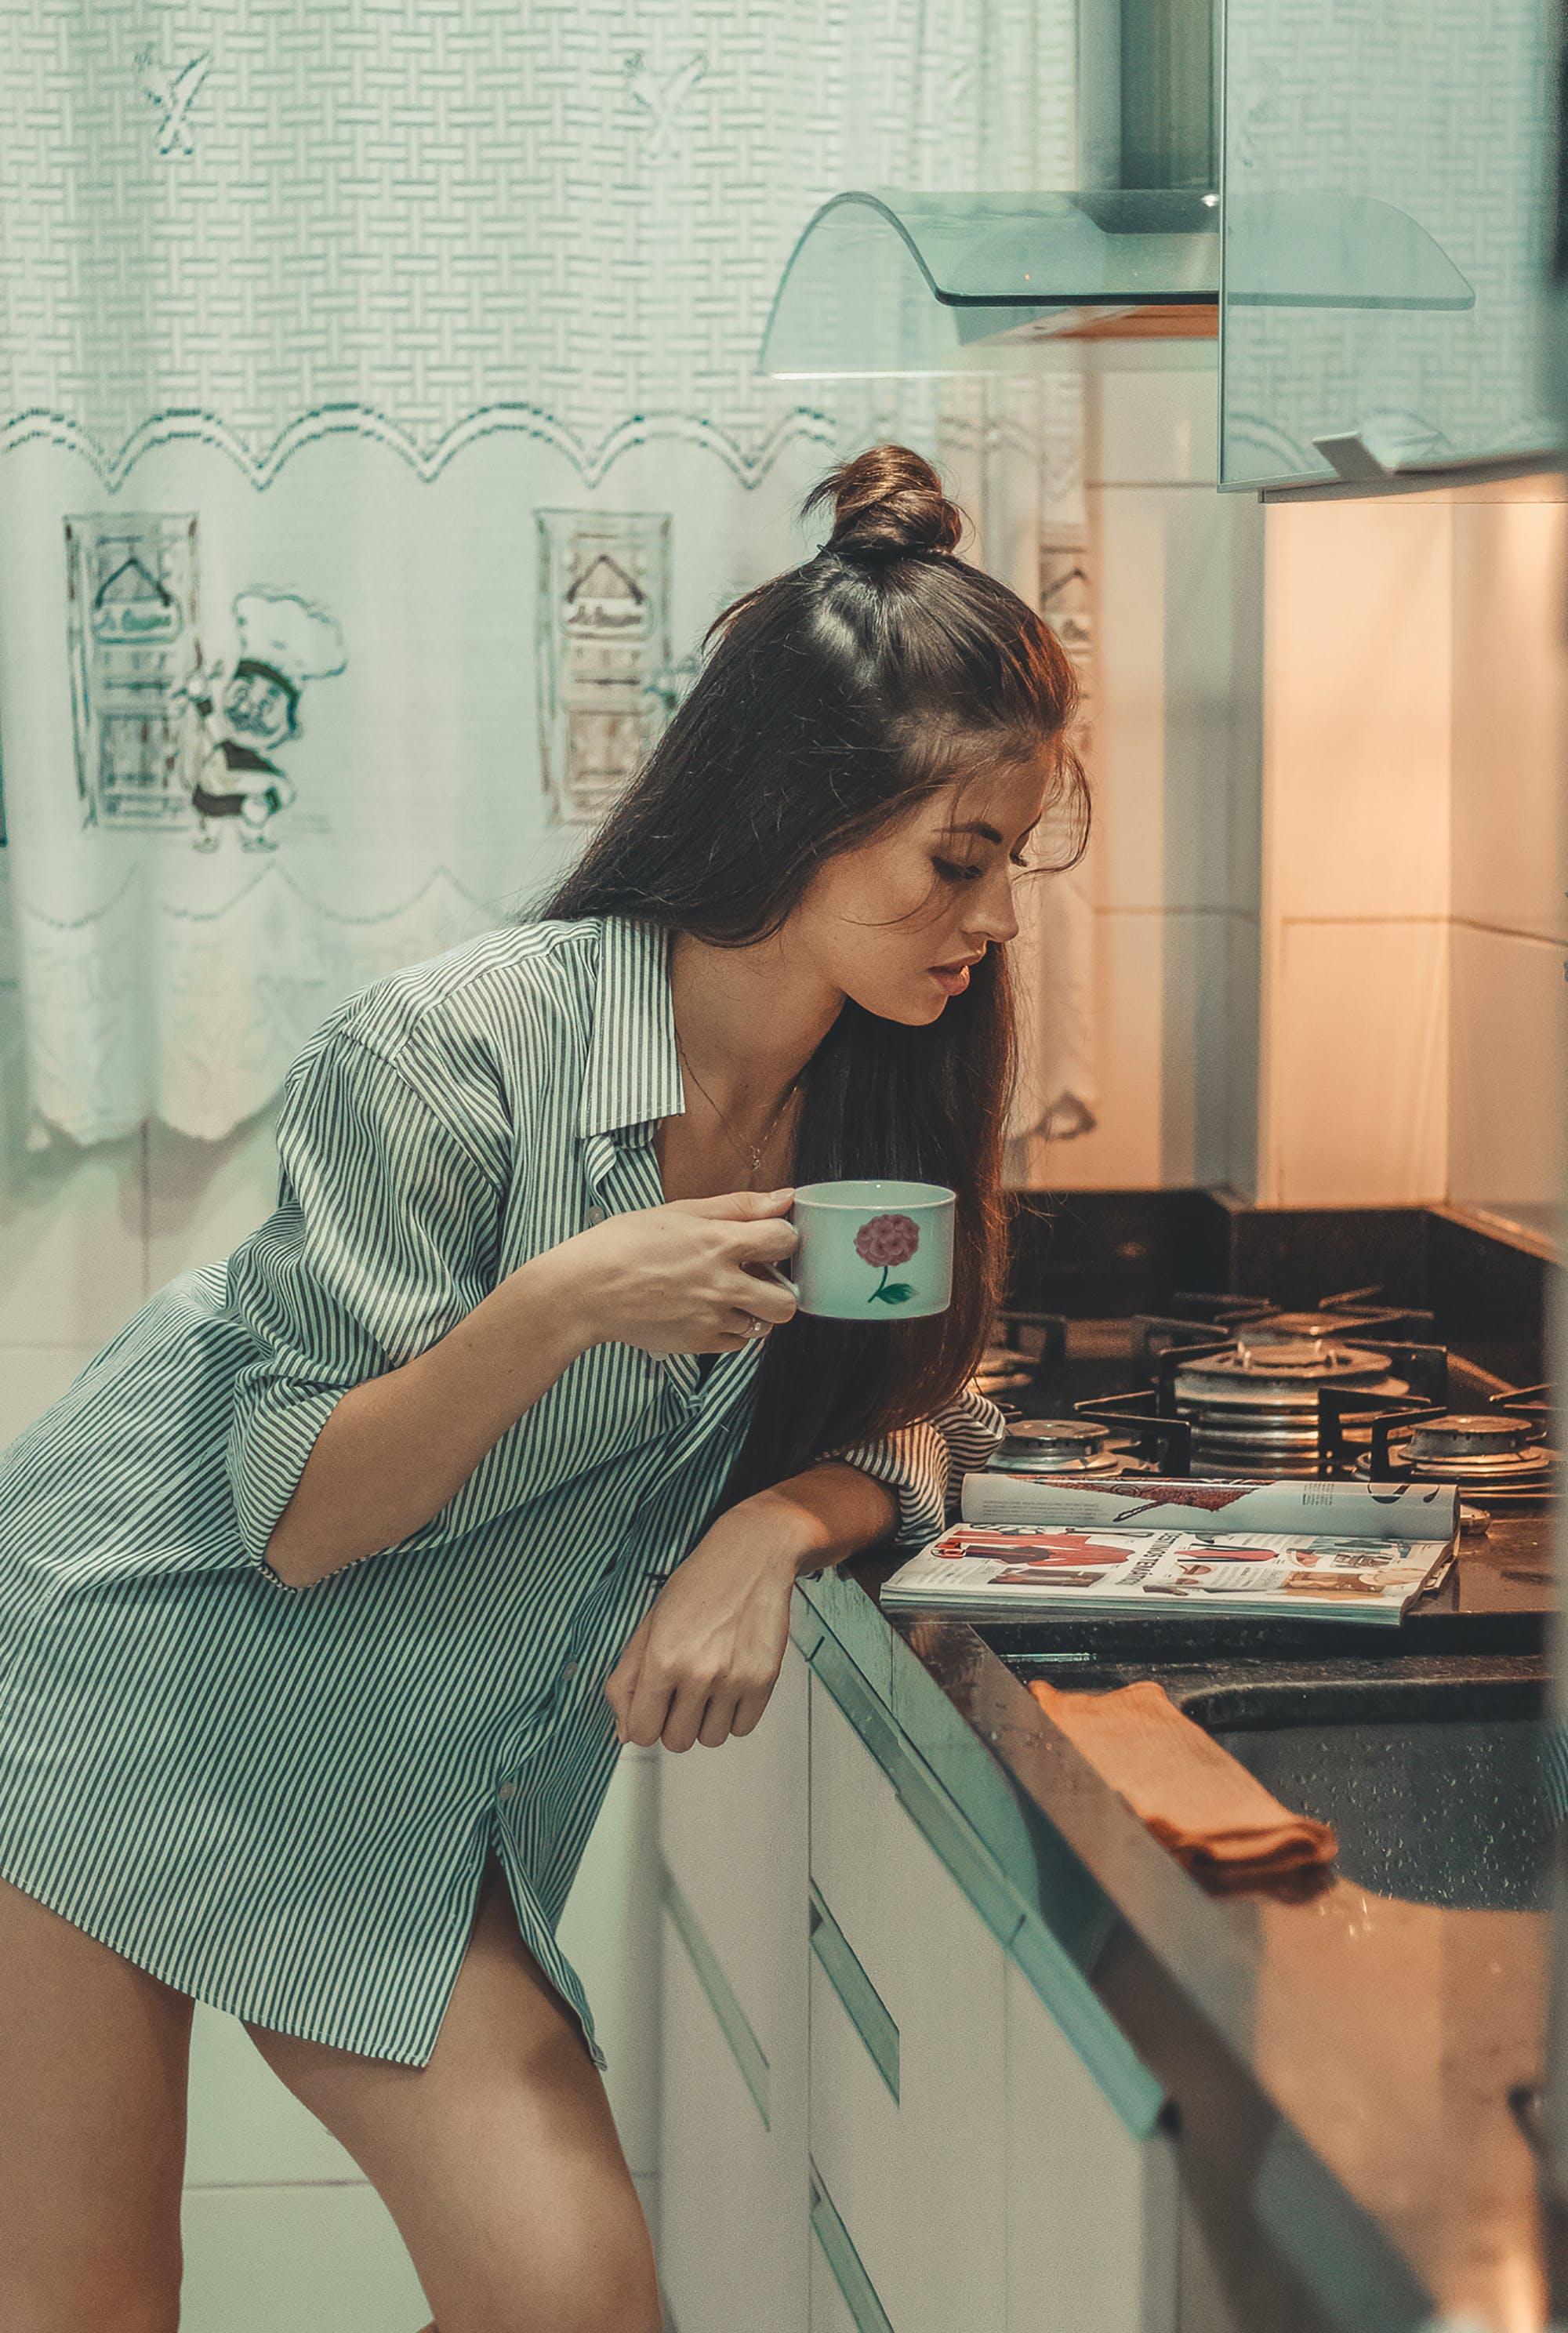 눈, 독서하는, 라틴계 여자, 매거진의 무료 스톡 사진